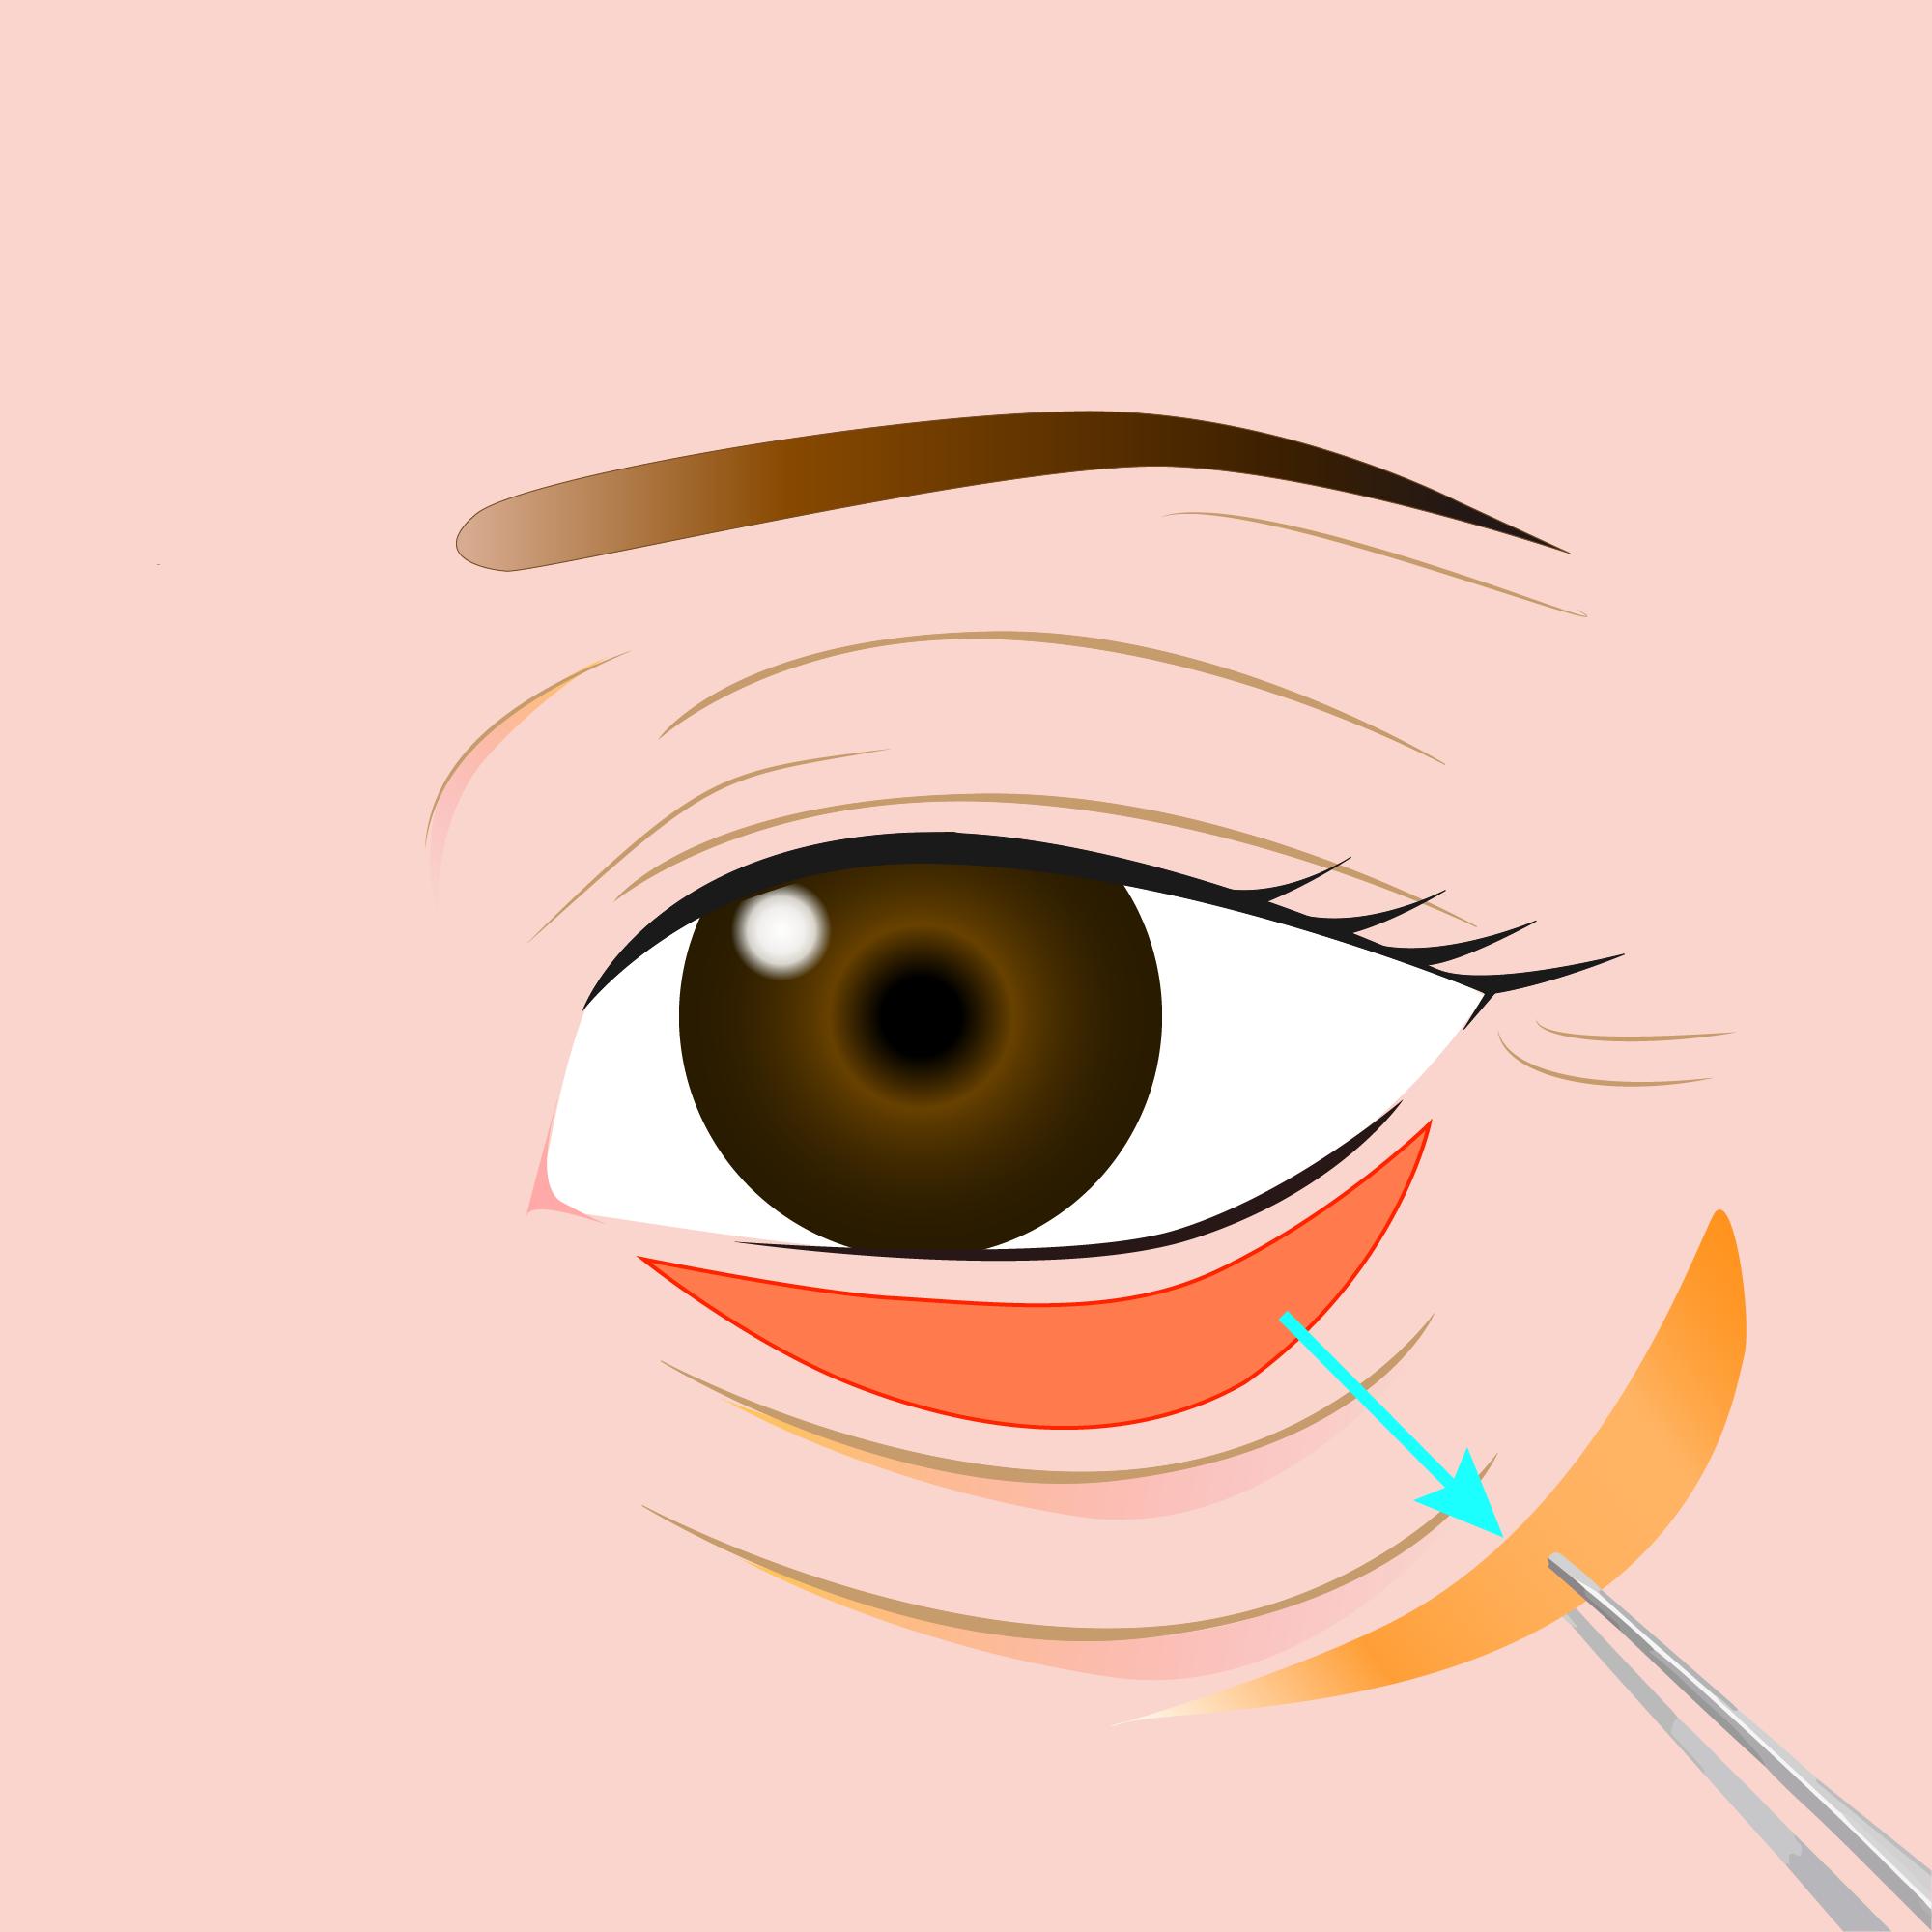 まぶたのたるみ・眼瞼下垂 (下まぶた)